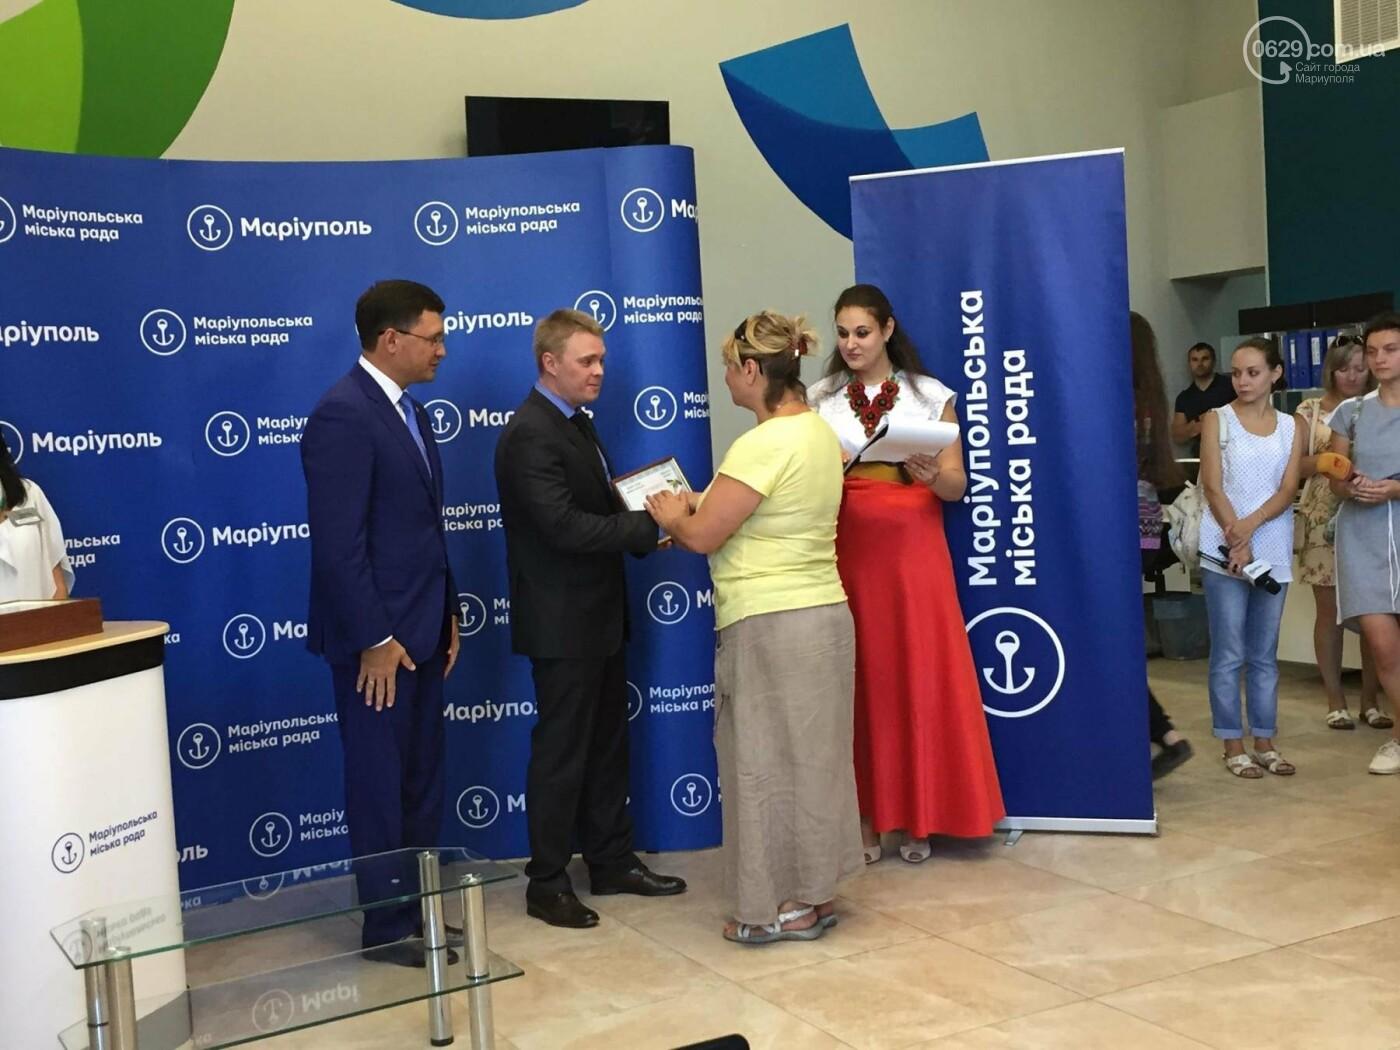 Детям-сиротам в Мариуполе вручили сертификаты на собственные квартиры,- ФОТО, ВИДЕО, фото-3